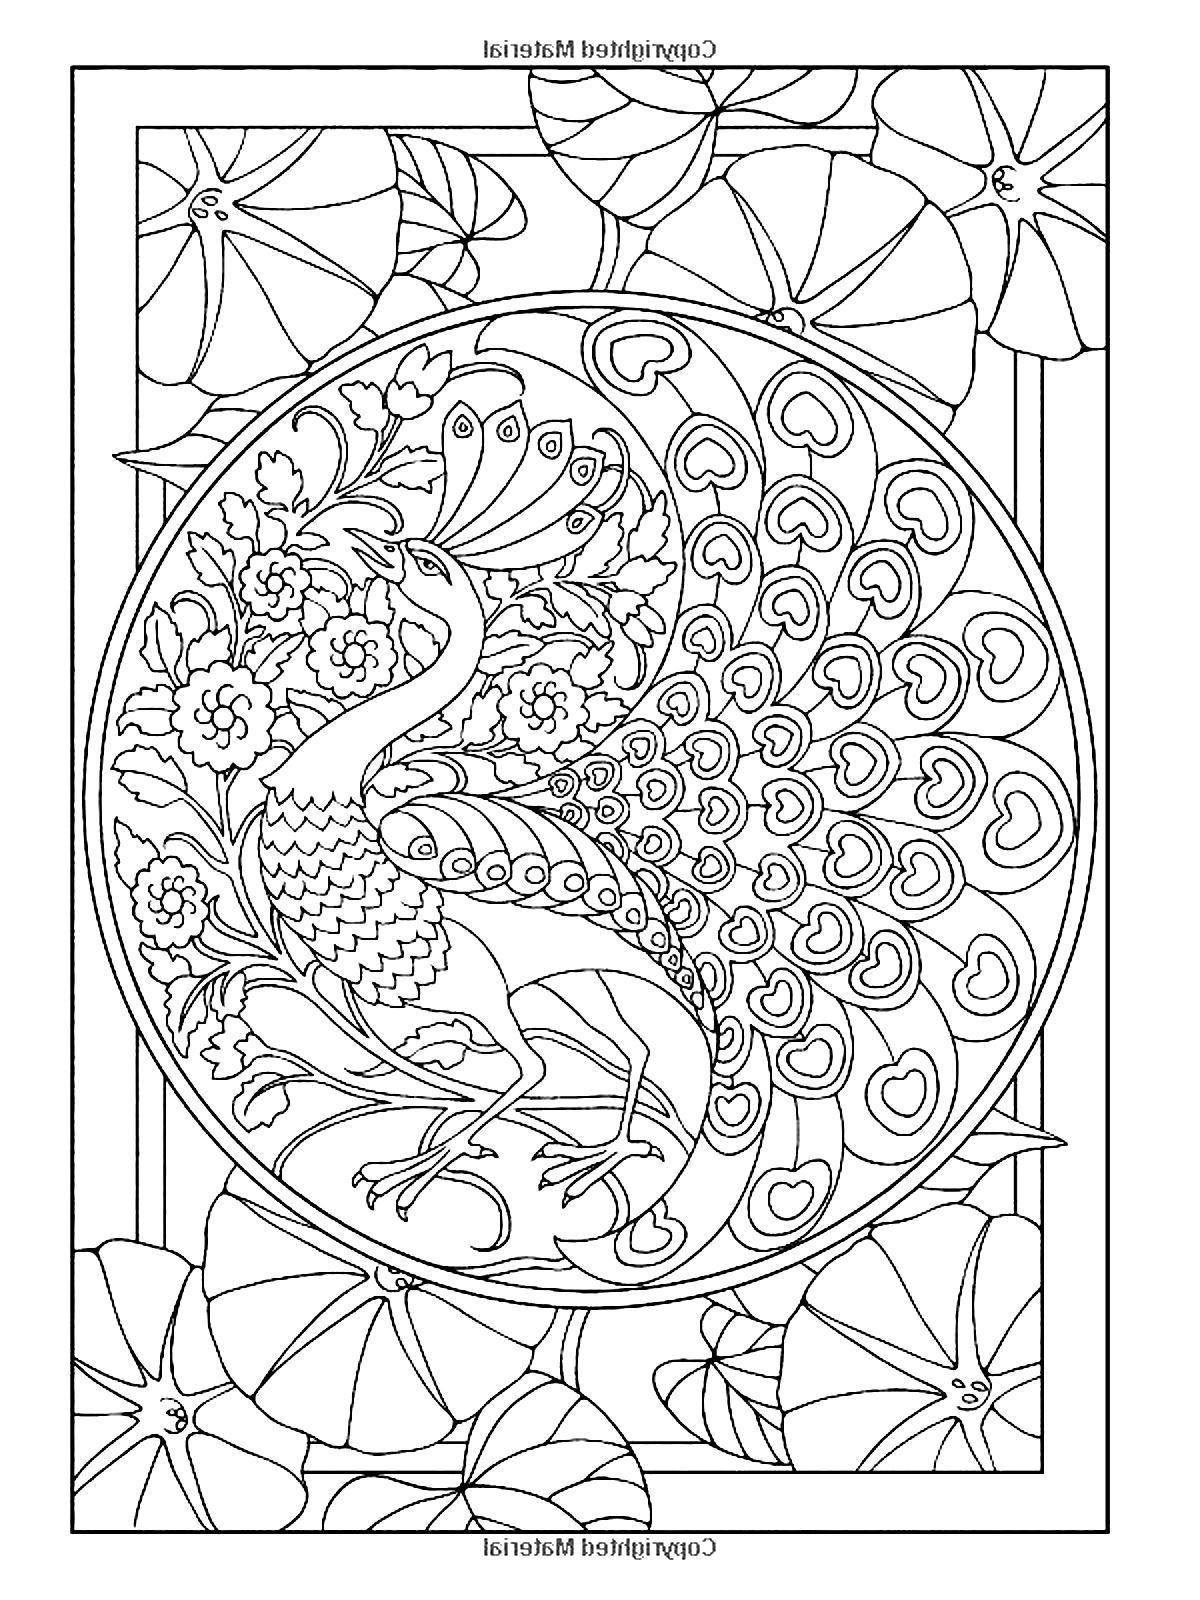 Colorear para adultos : Art nouveau - 19